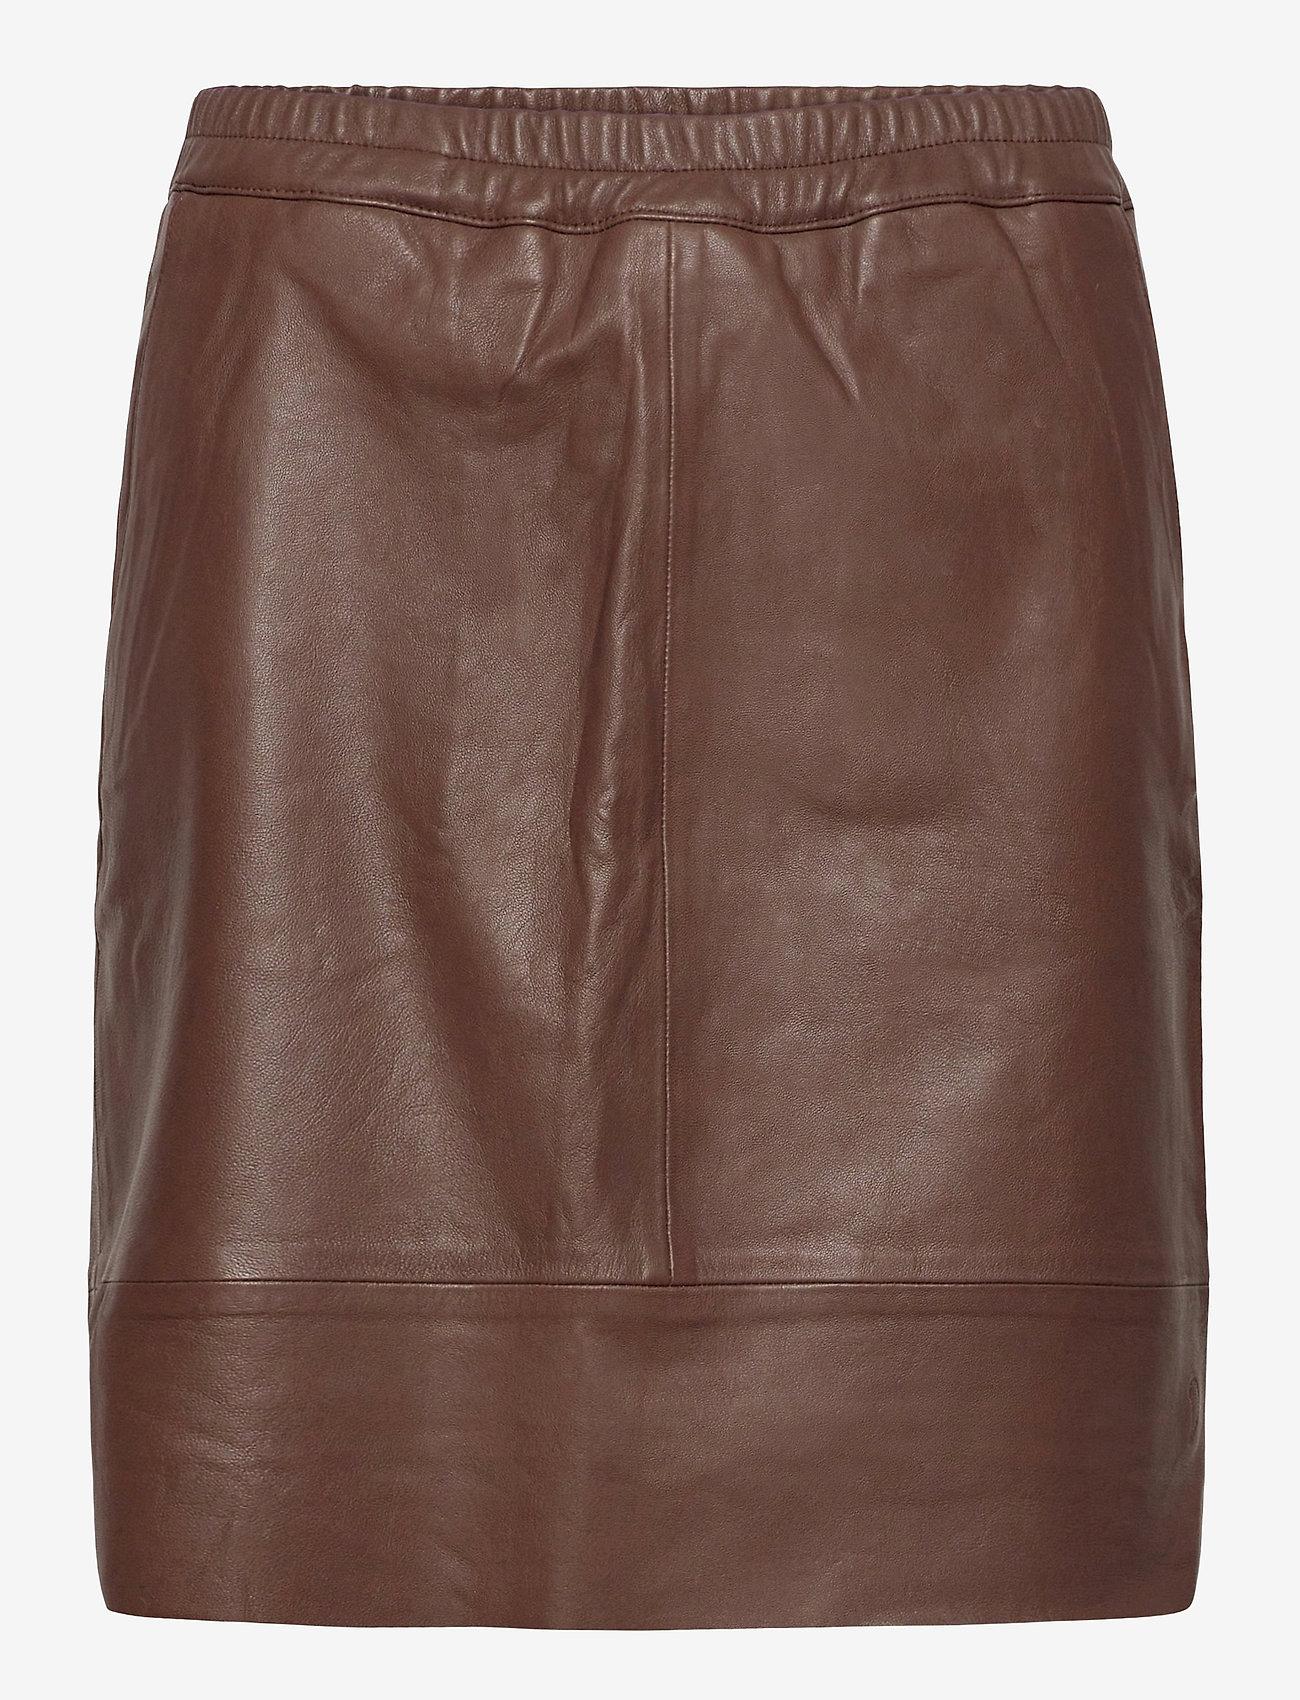 Coster Copenhagen - CC Heart leather skirt (B4514) - korta kjolar - dark brown - 0